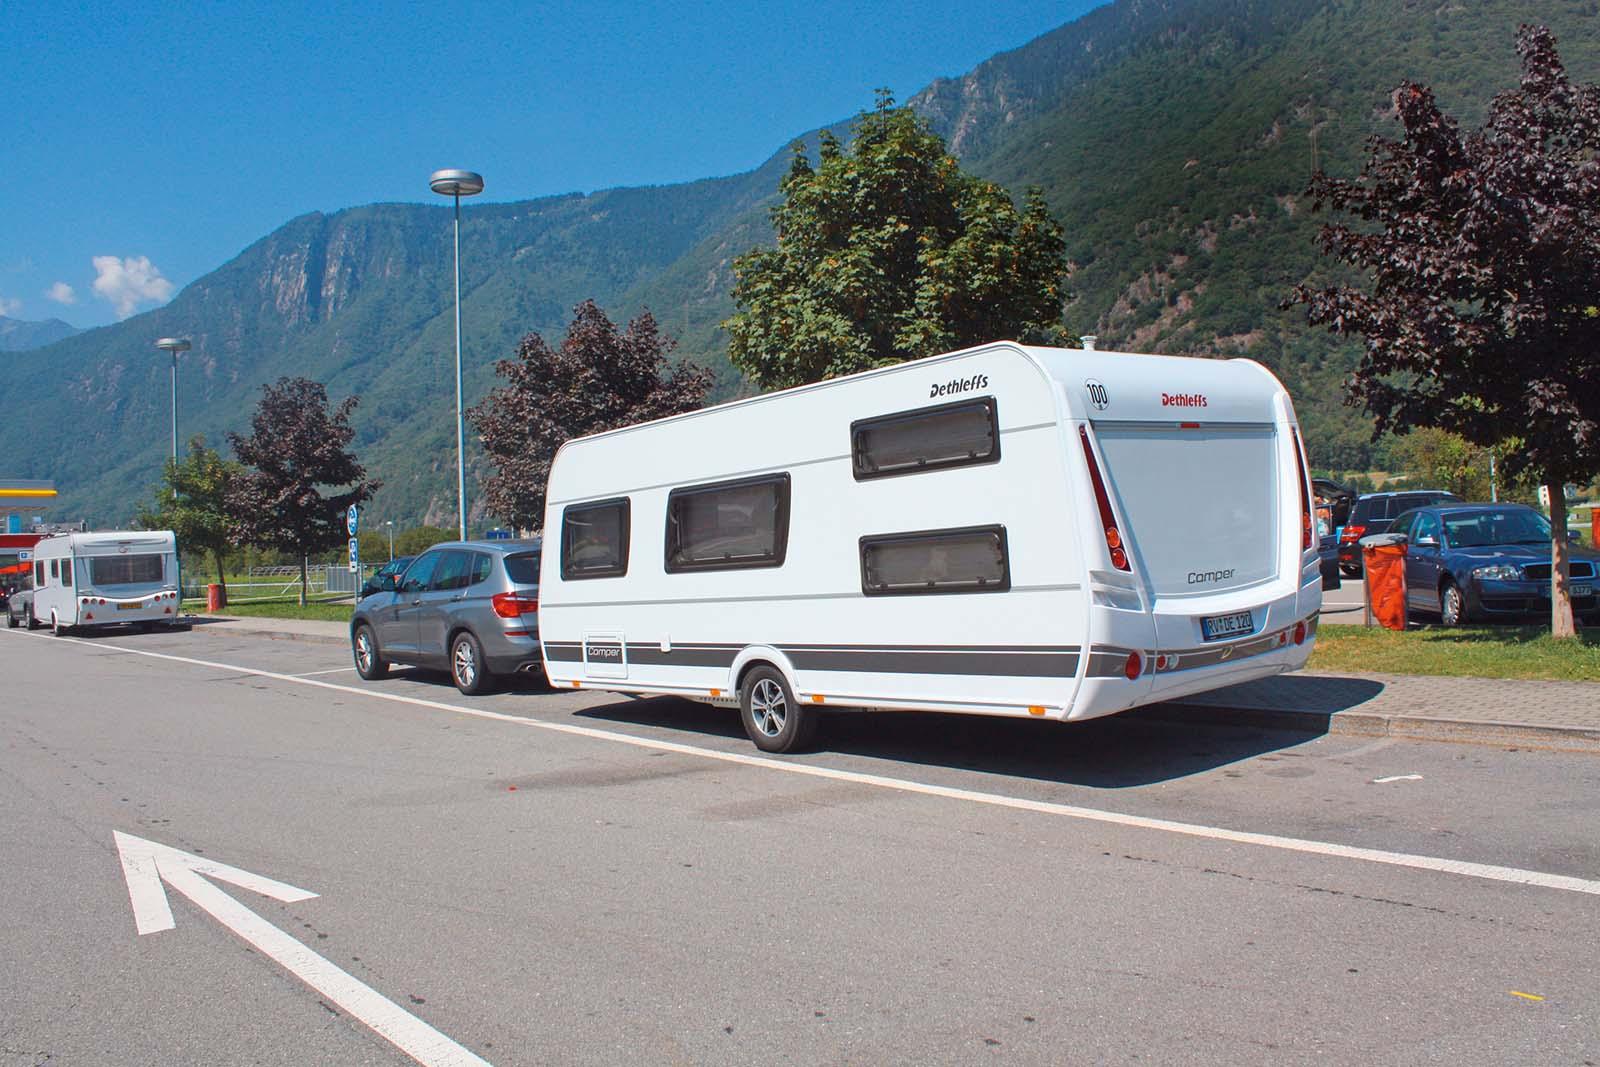 Wohnwagen Mit Etagenbett Test : Dethleffs camper 540 qmk im test camping cars & caravans